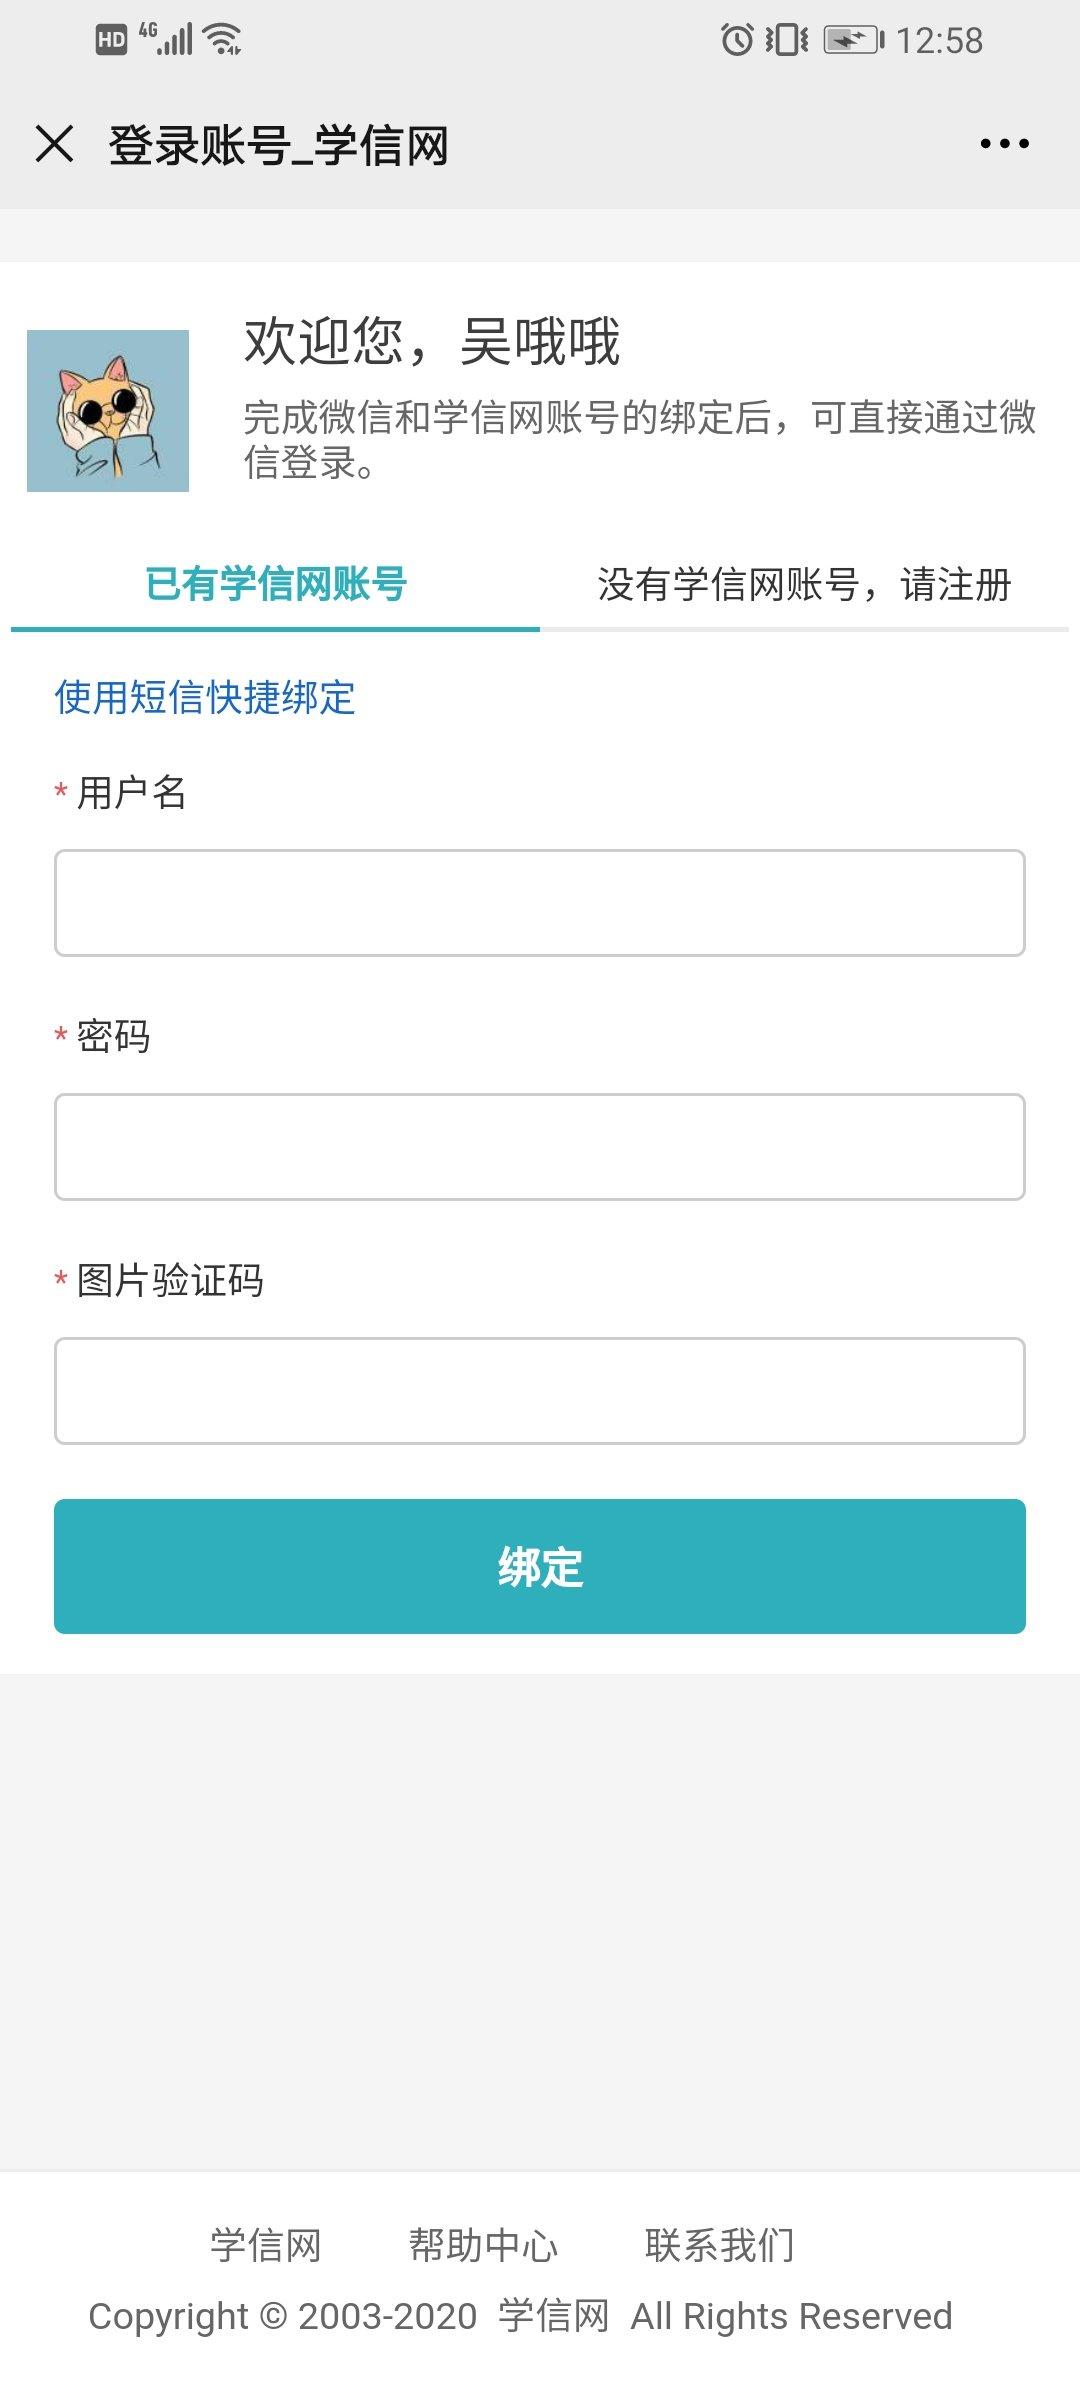 深圳坪社保局_研究生考试招生信息网公众号是哪个- 本地宝